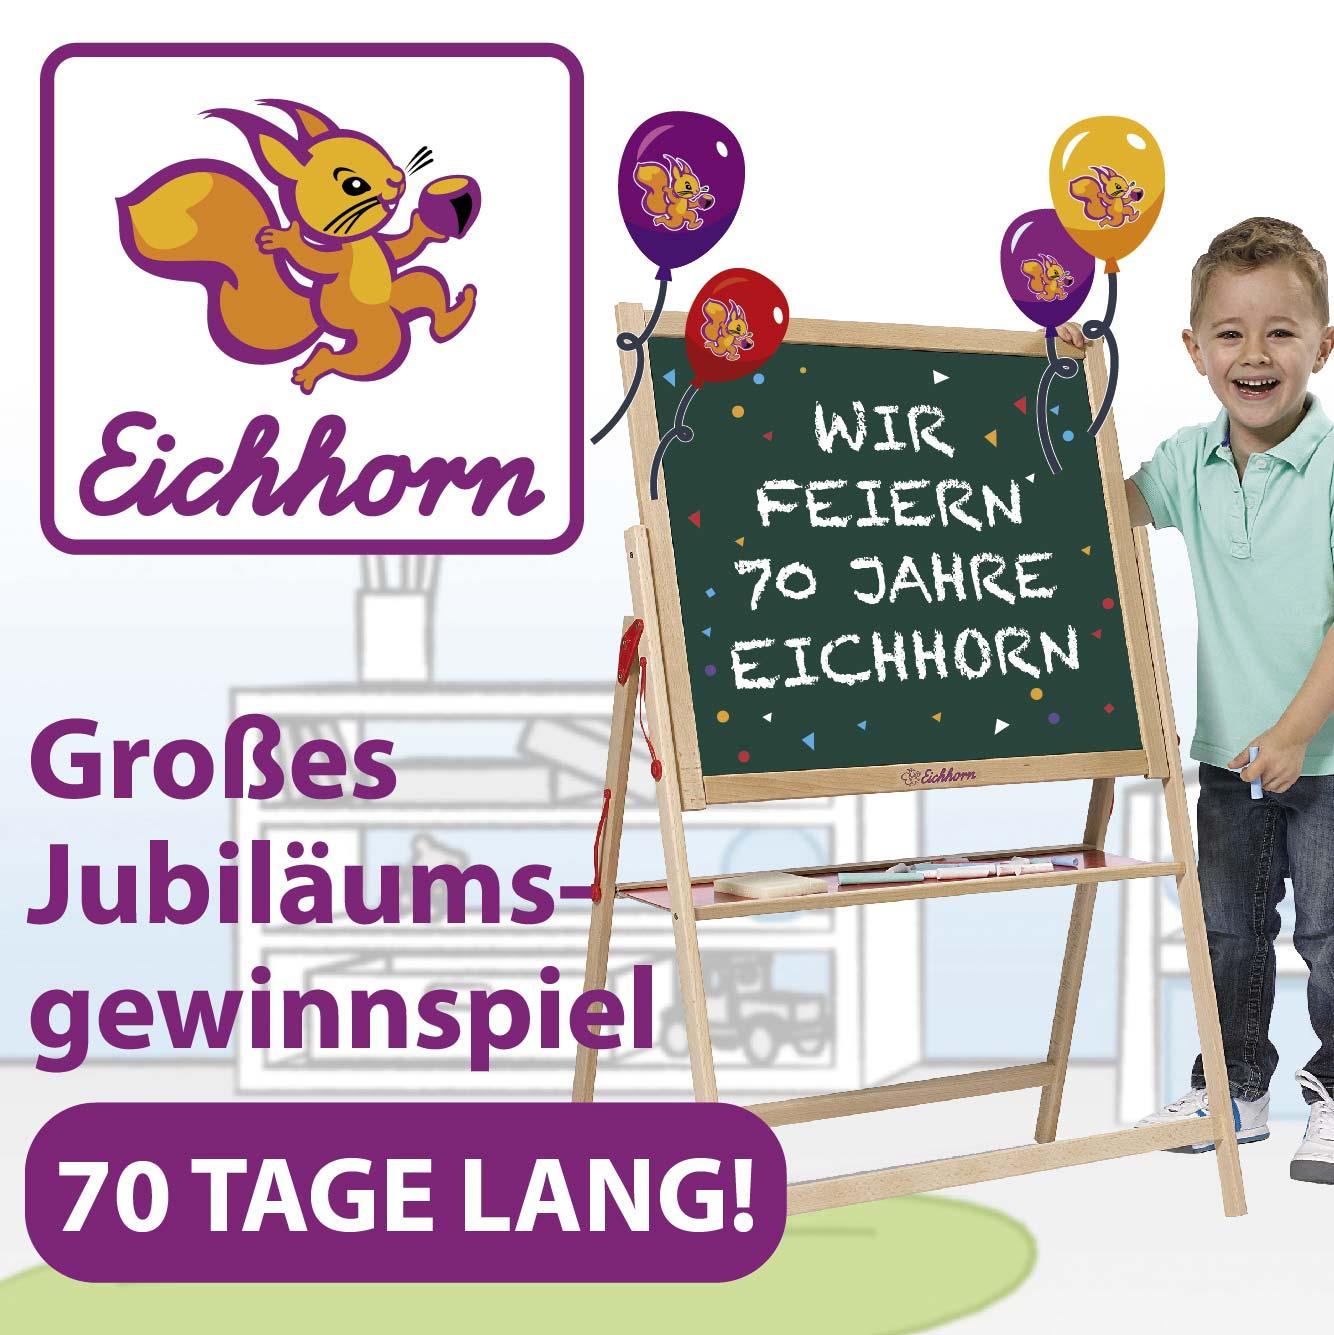 70 Jahre Eichhorn - Gewinnspiel